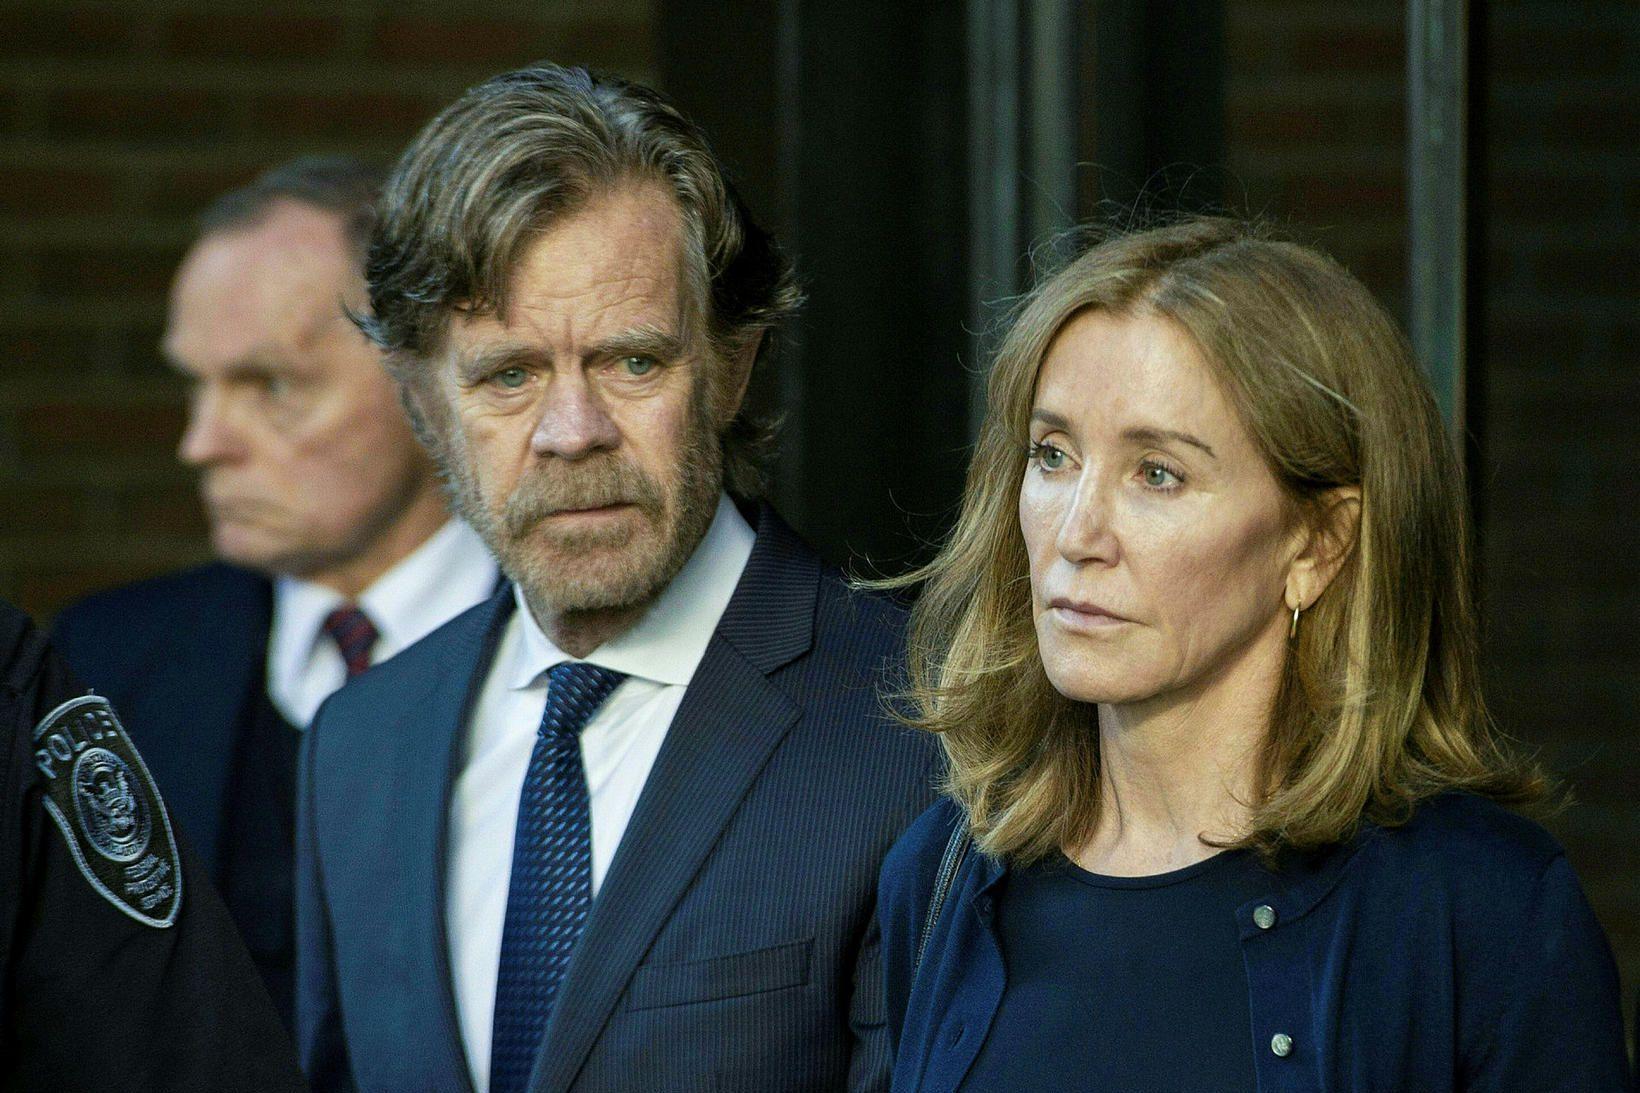 Leikkonan Felicity Huffman hefur einnig fengið dóm fyrir að greiða …